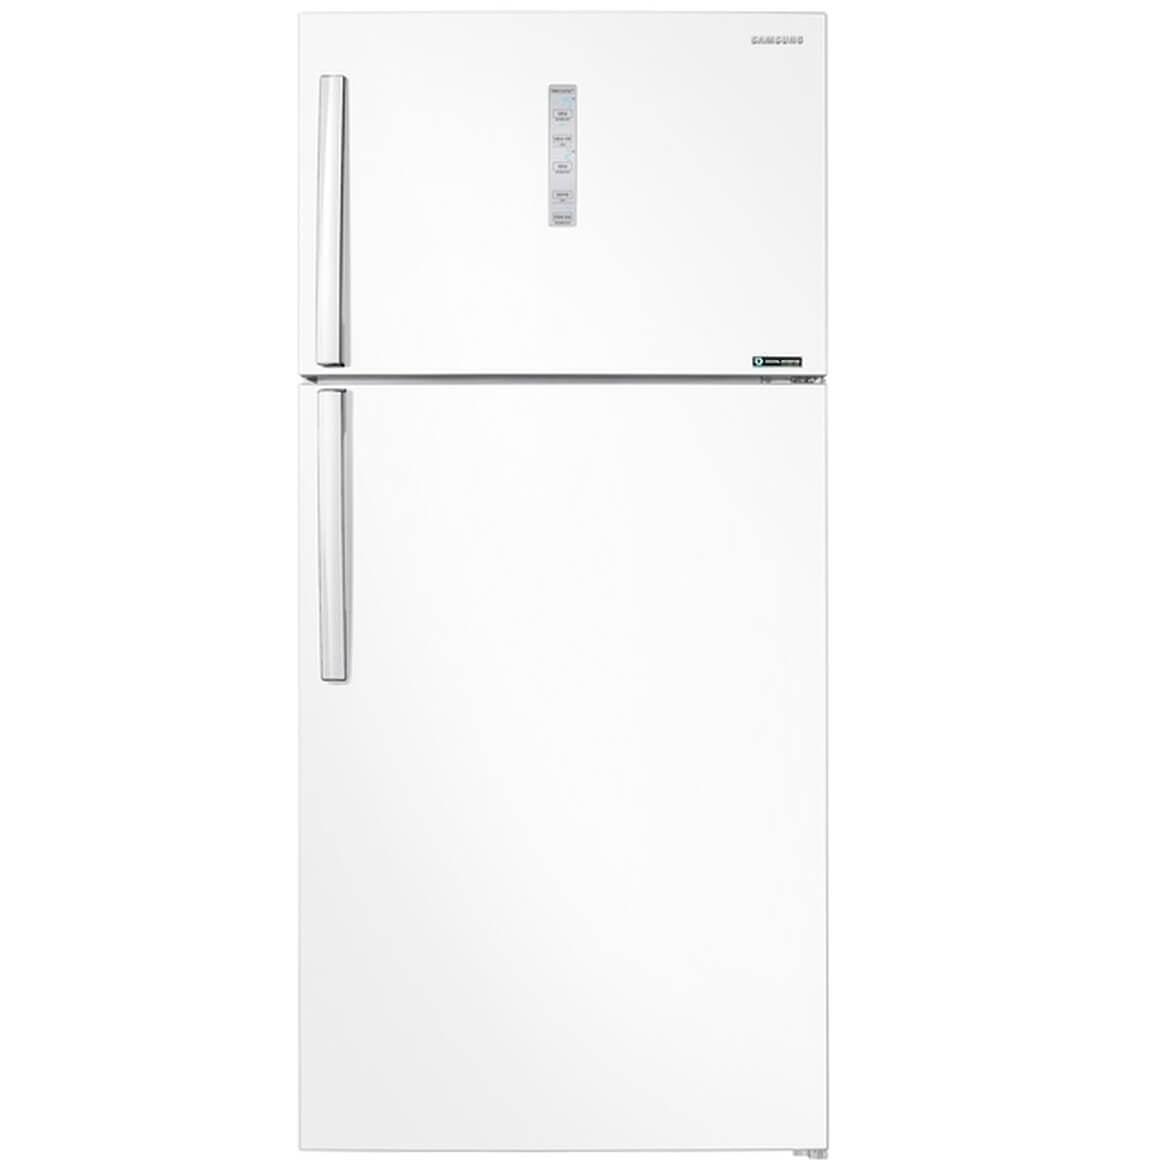 Samsung RT62K7040WW-TR Buzdolabi Fiyatı ve Özellikleri